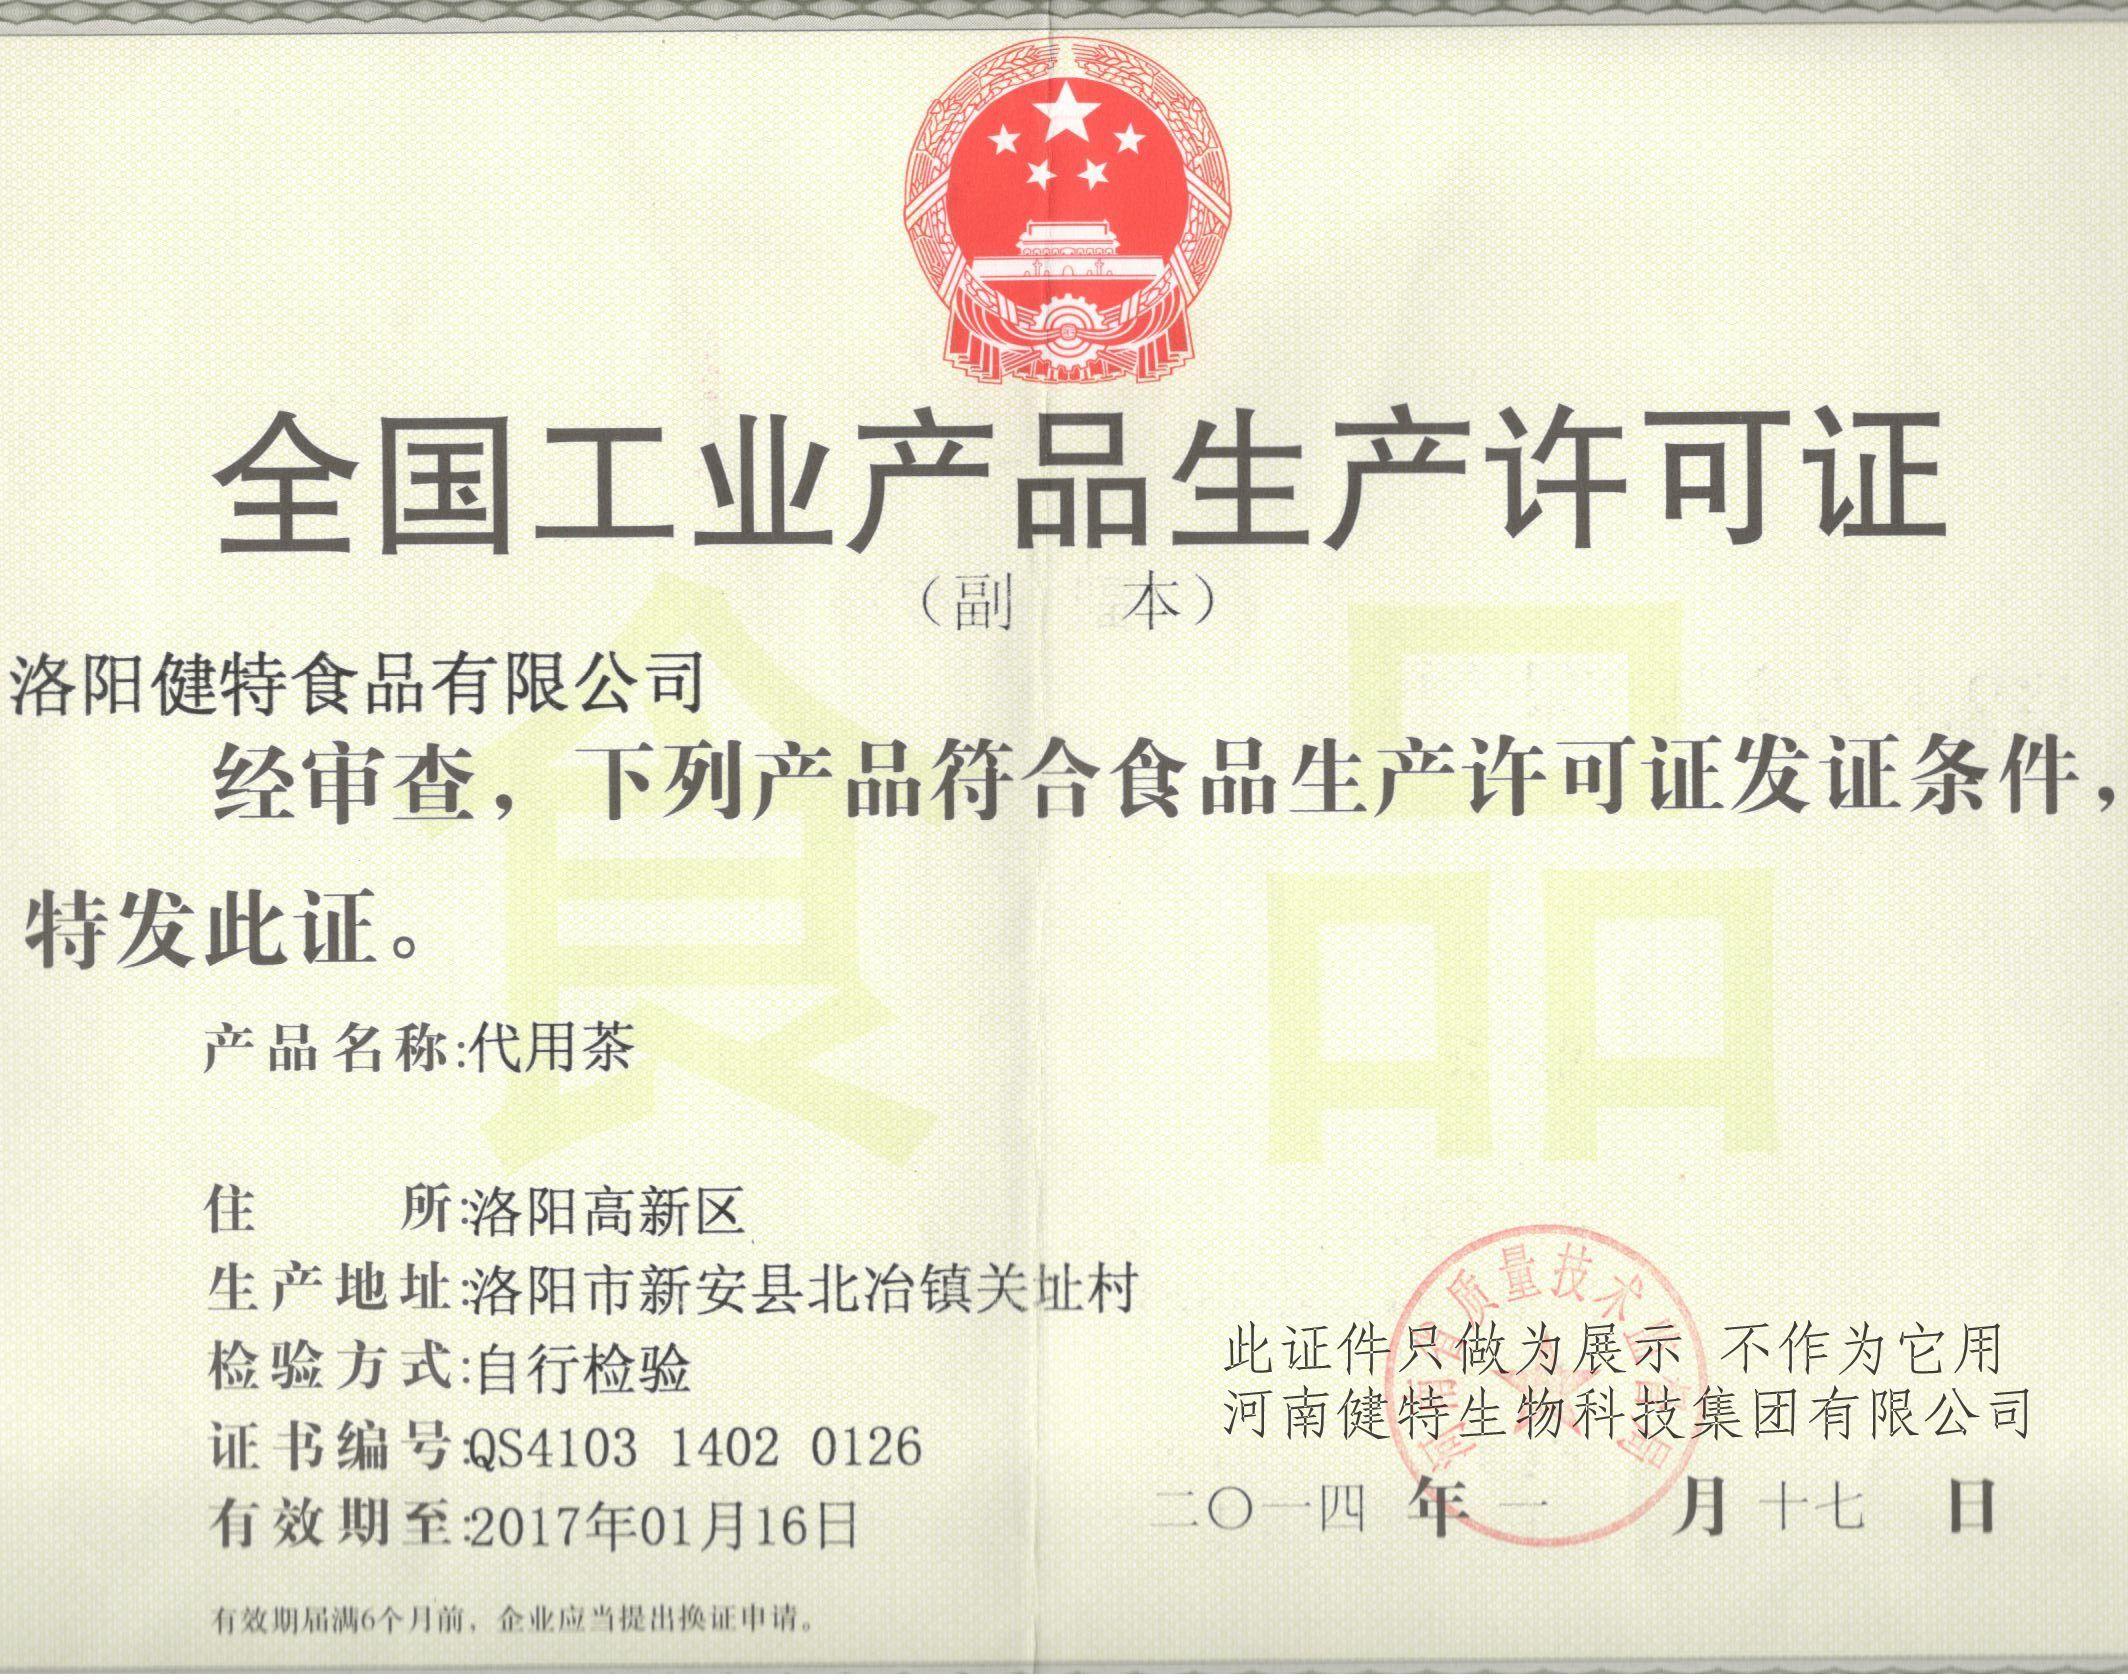 牡丹代用茶生产许可证_副本.jpg